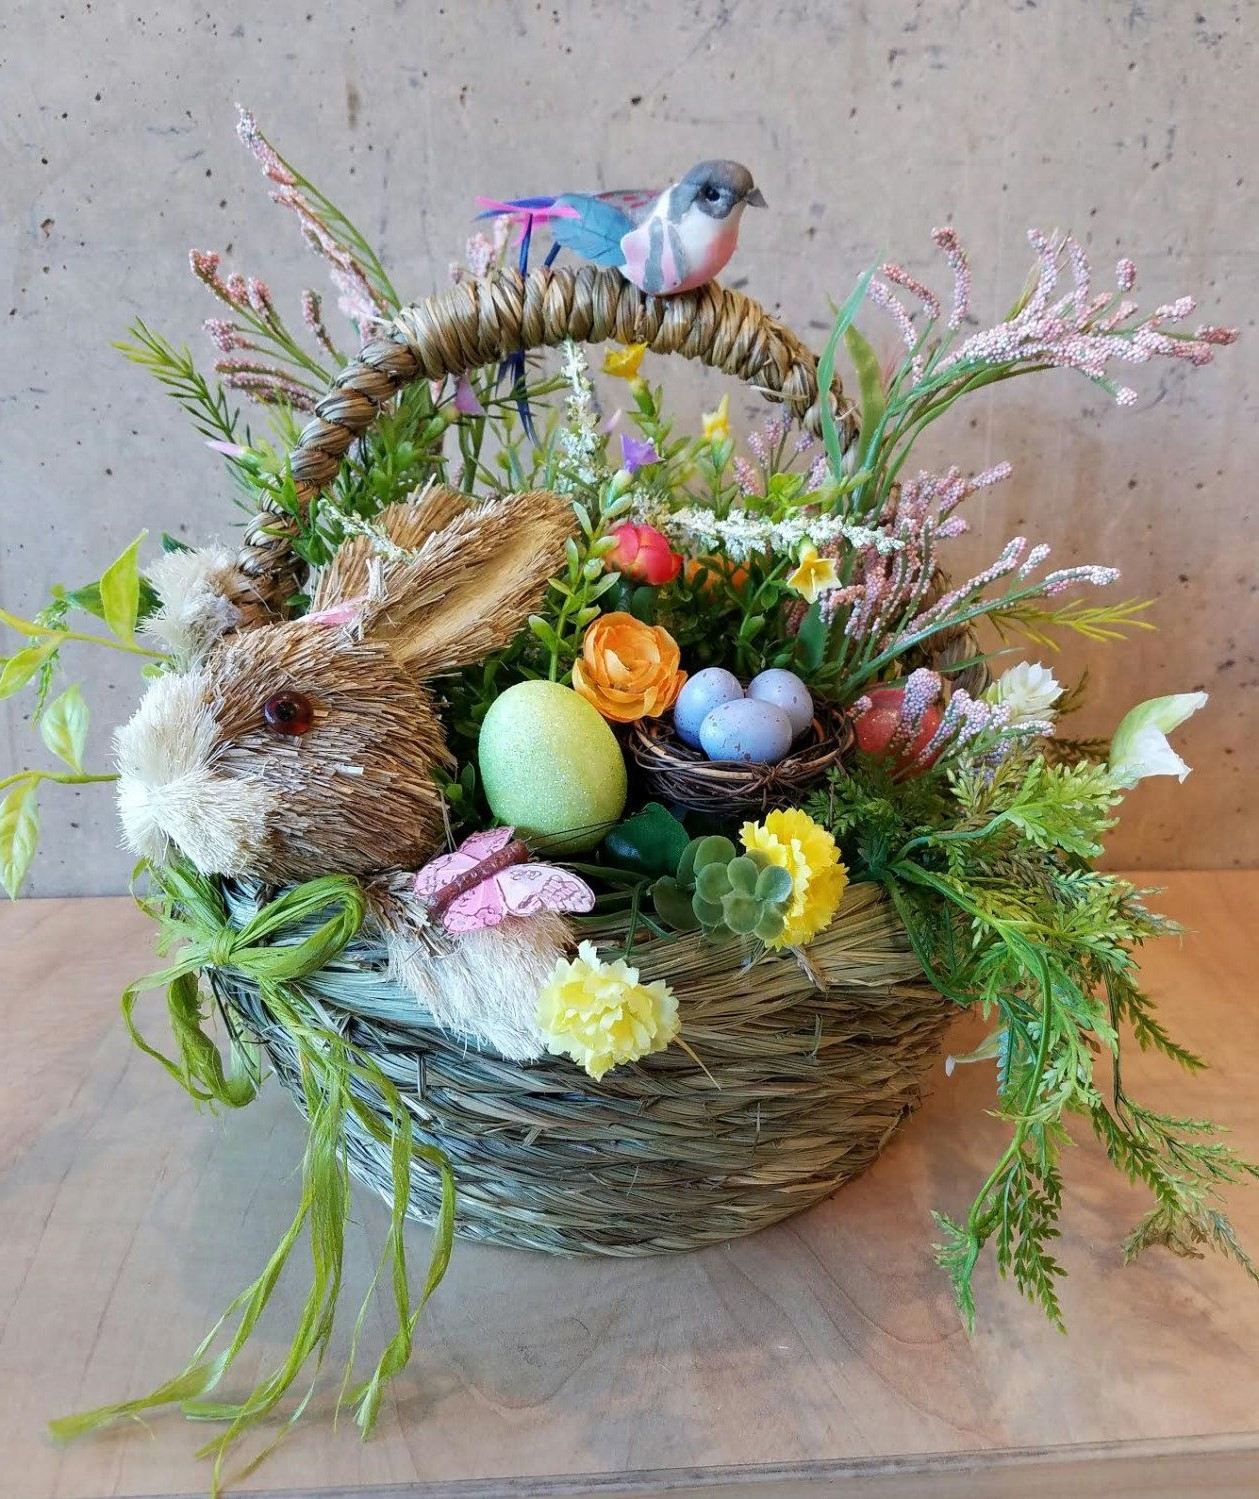 Panier de fleurs décoratives pour la fête.